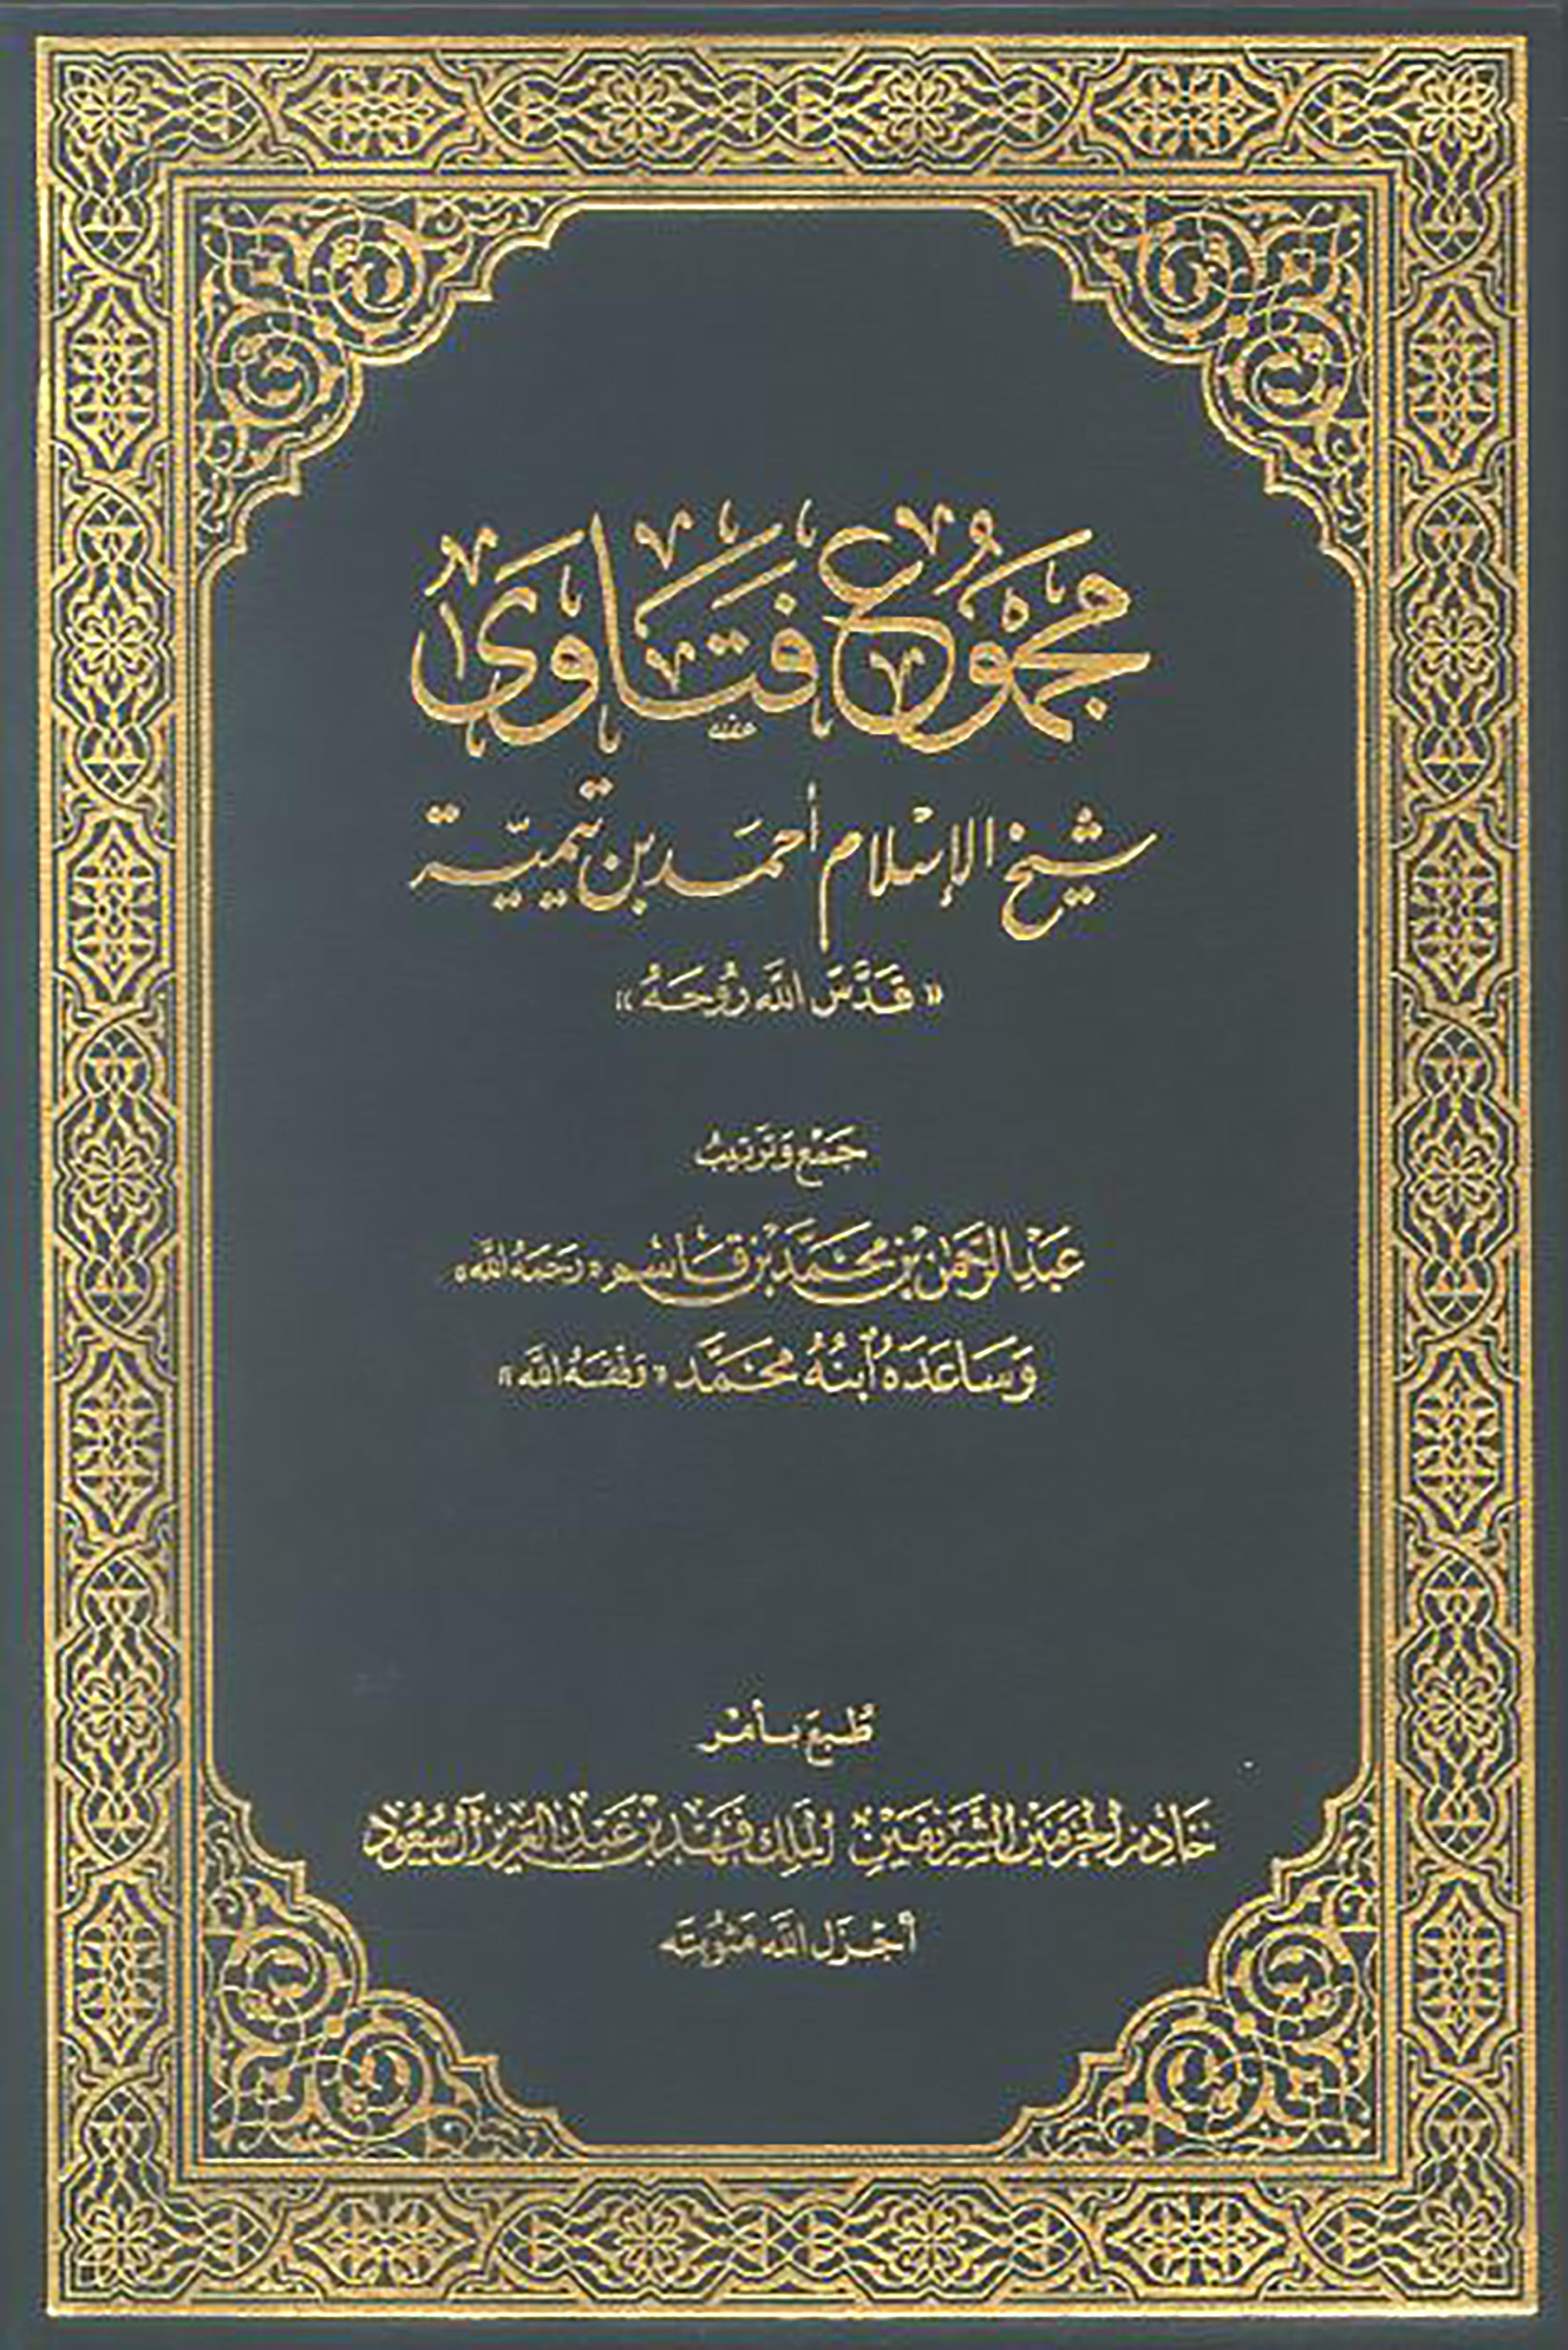 الاســـم:مجموع الفتاوى لشيخ الاسلام ج6  غلاف.JPG المشاهدات: 764 الحجـــم:1.03 ميجابايت